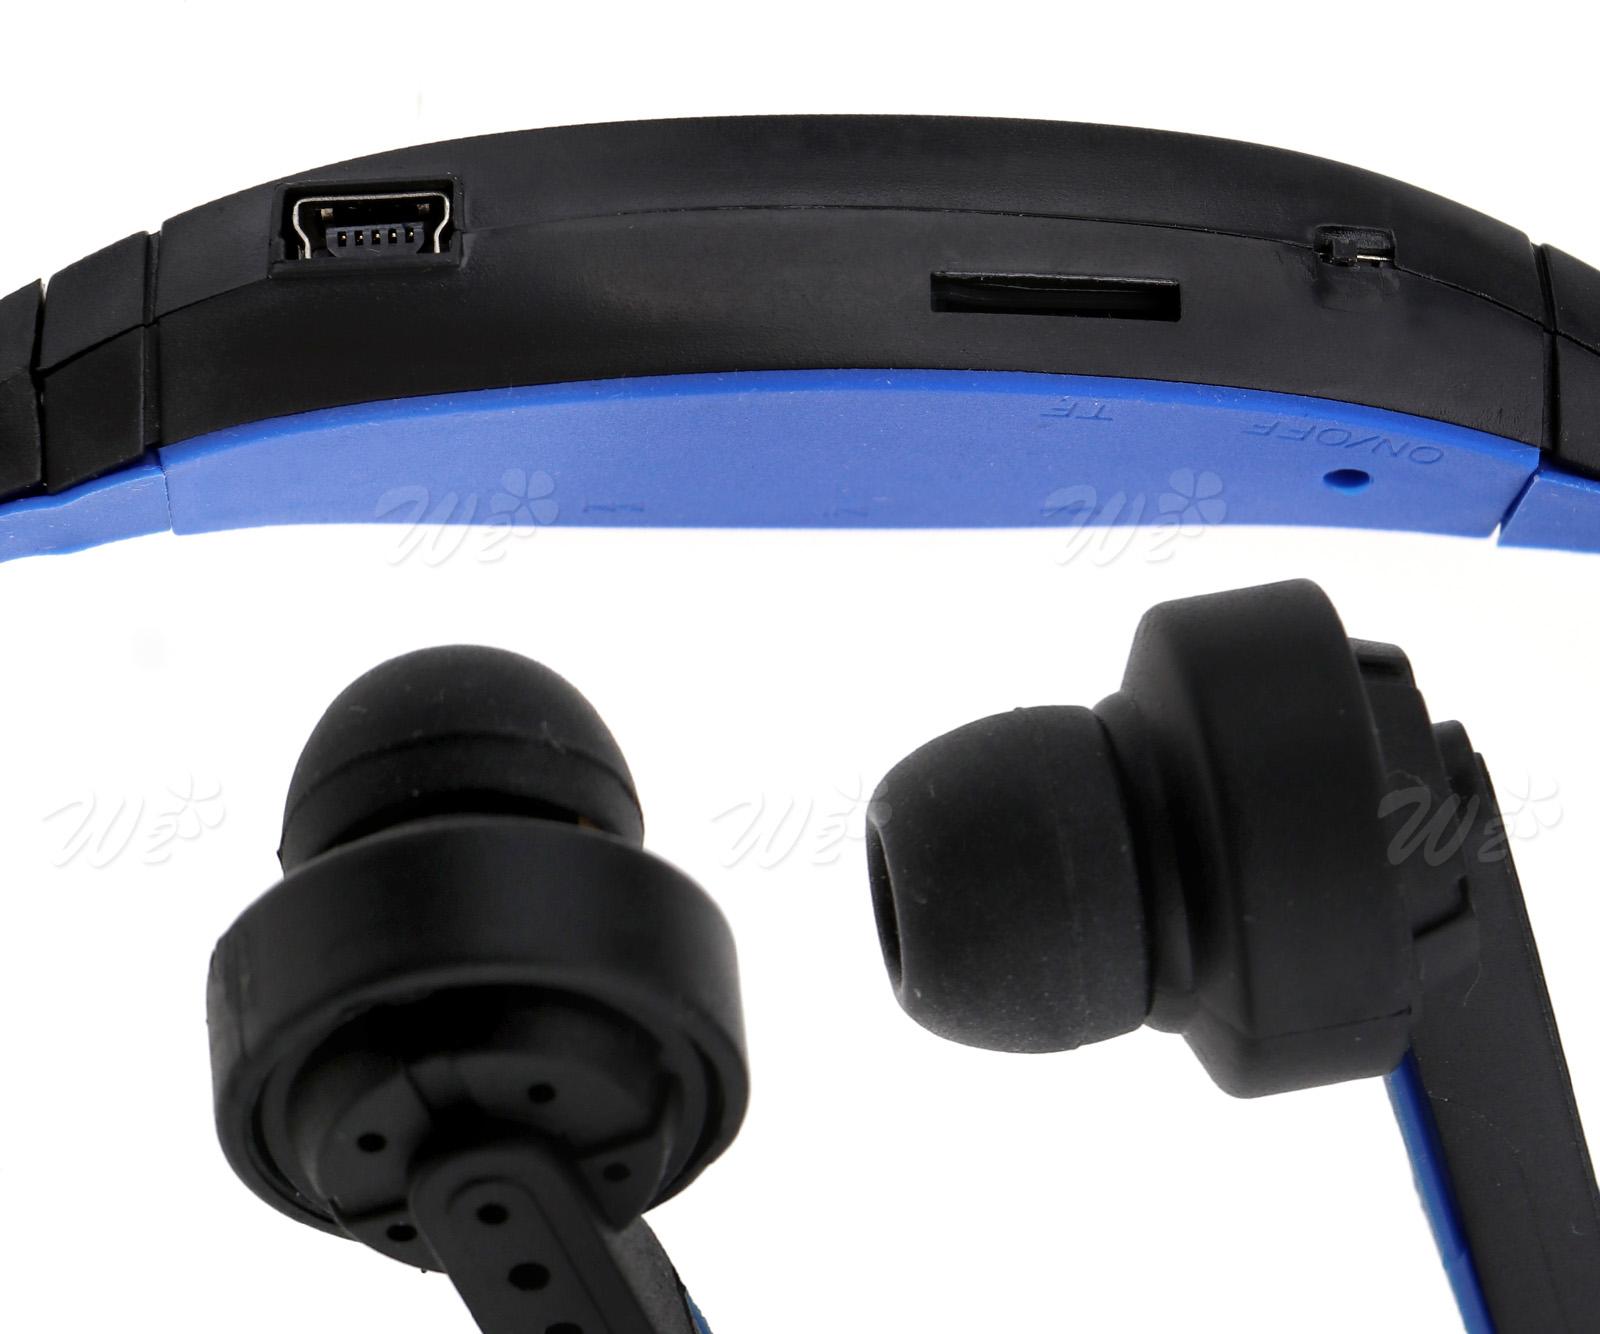 Gym headphones for men - girl headphones for ipad